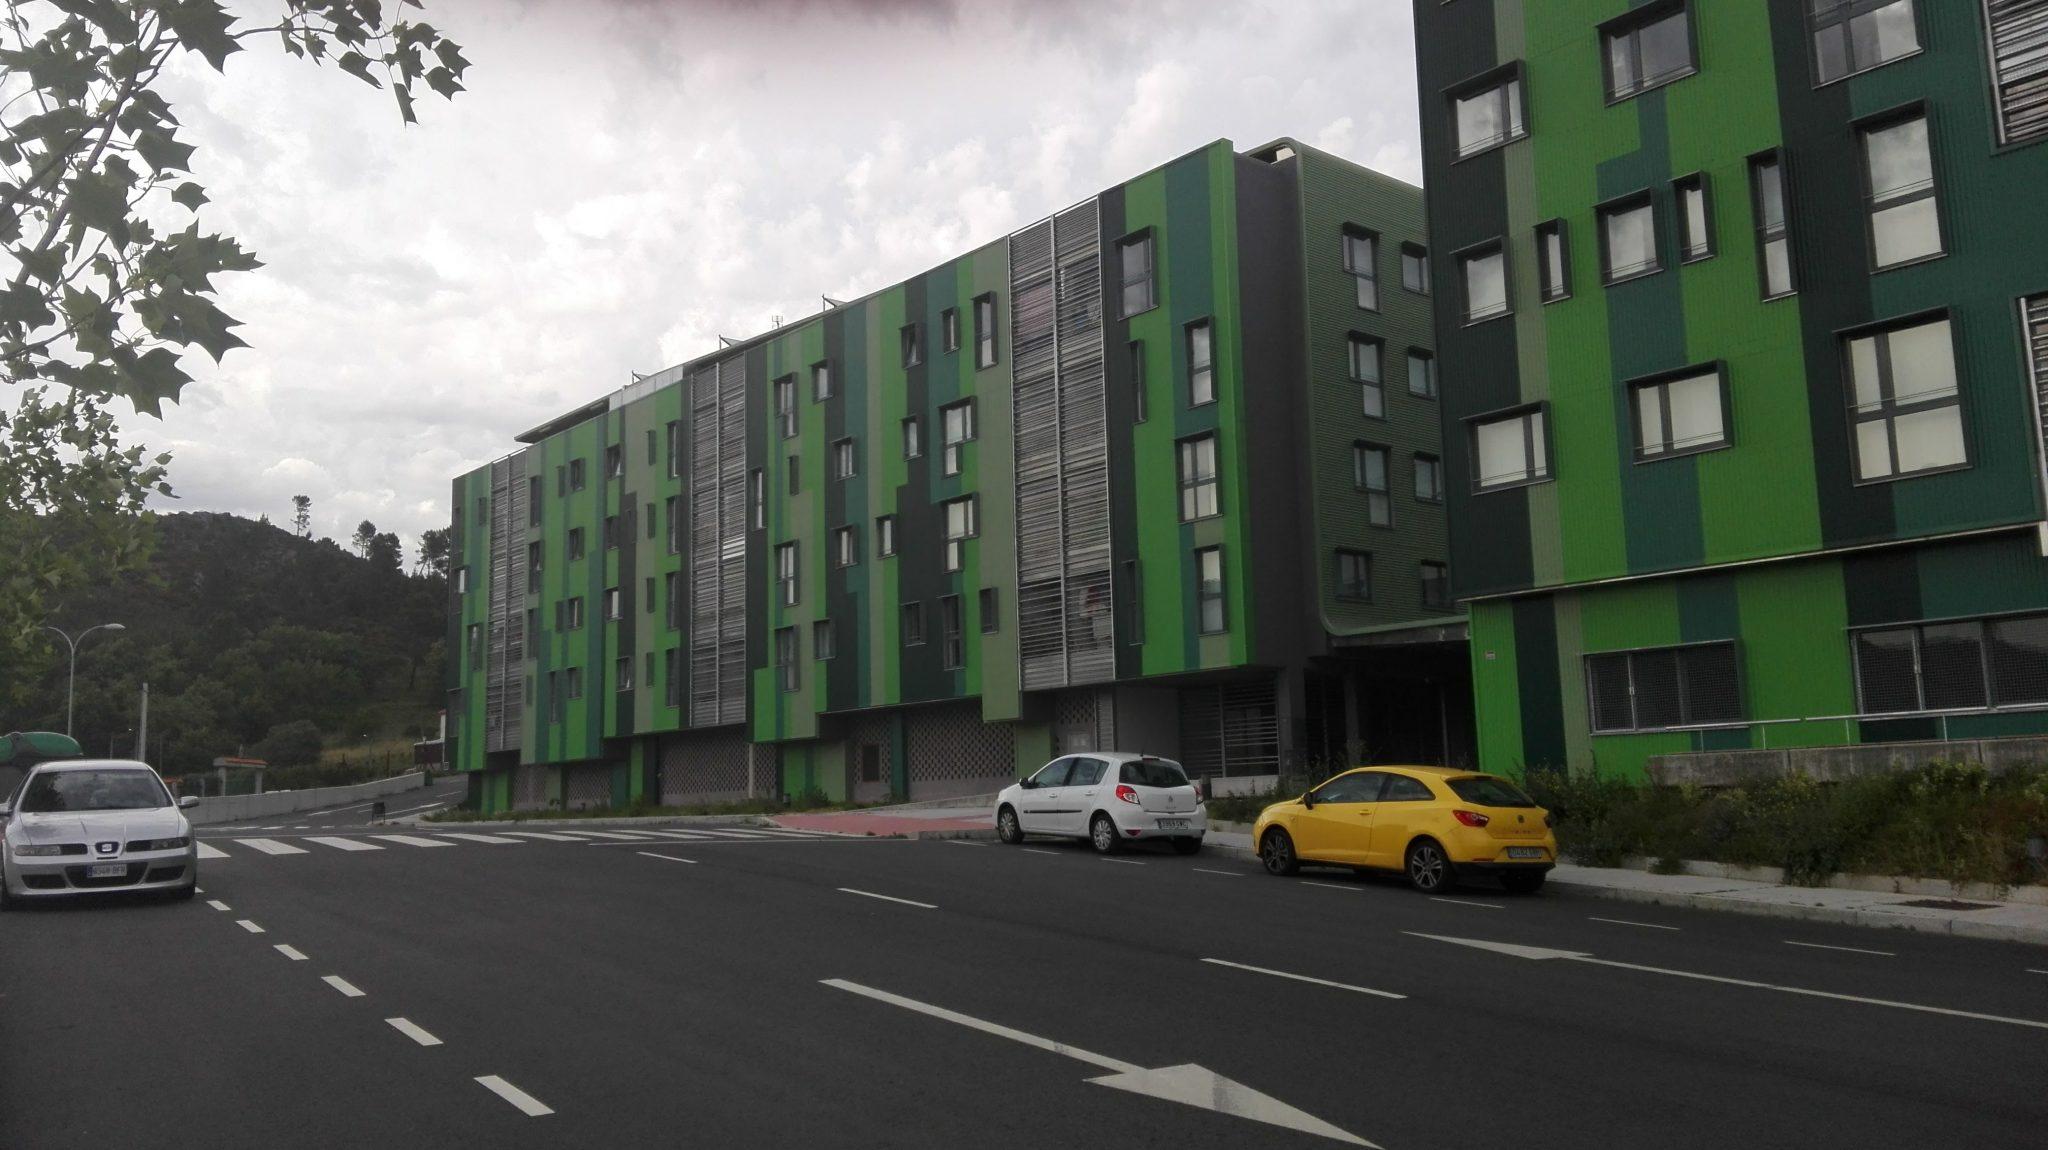 Residencial - Edificación - Construcción de 52 viviendas en Covadonga, Ourense